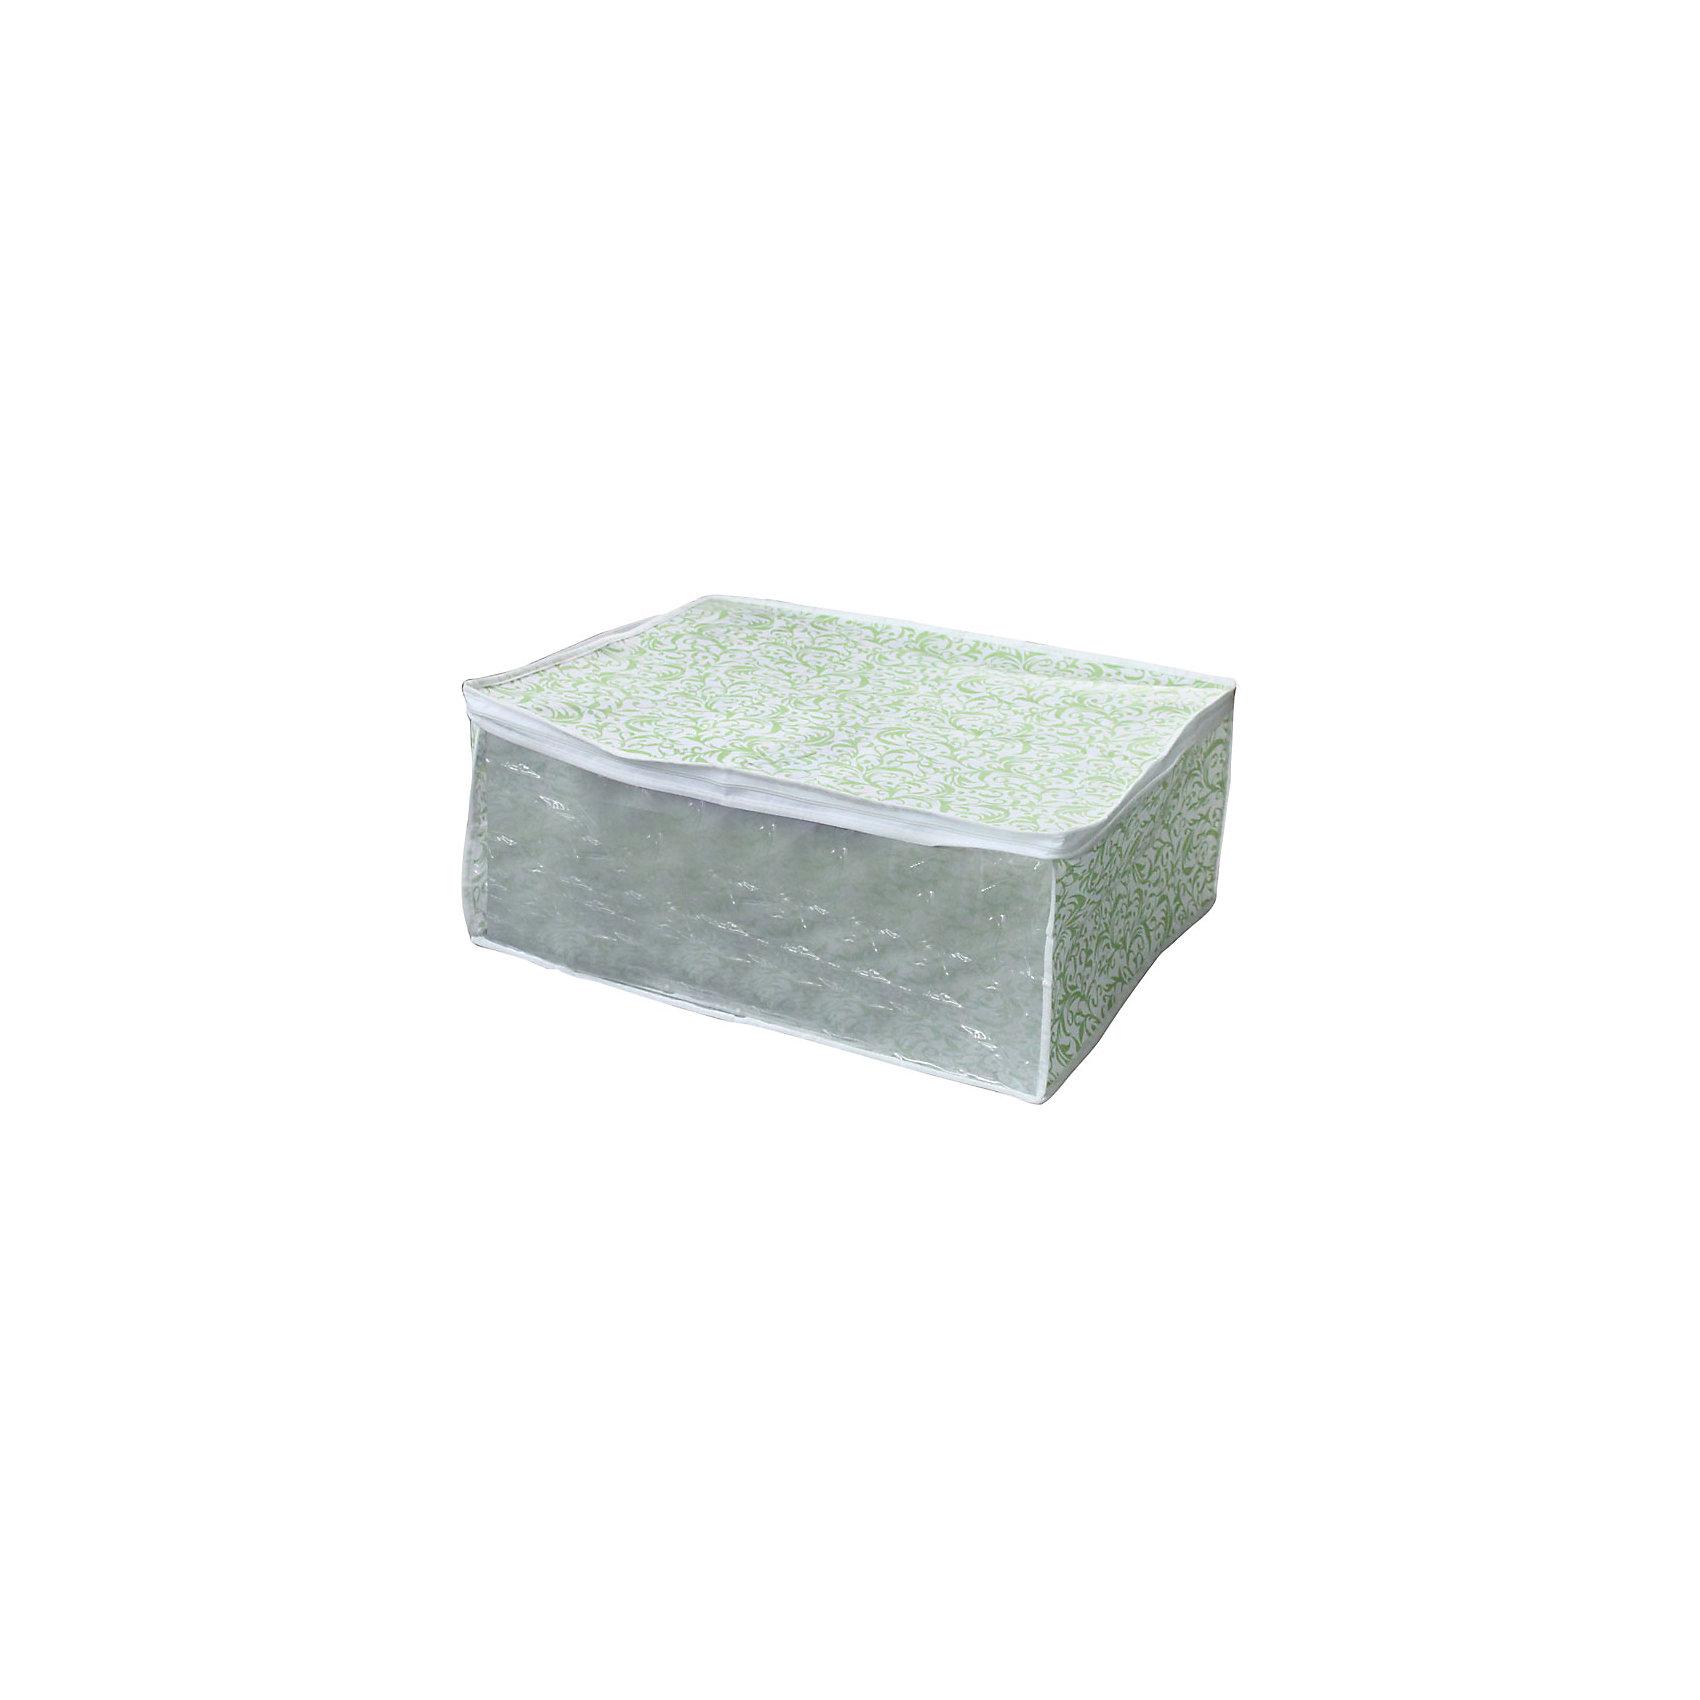 Чехол для хранения одеяла/постельных принадлежностей с